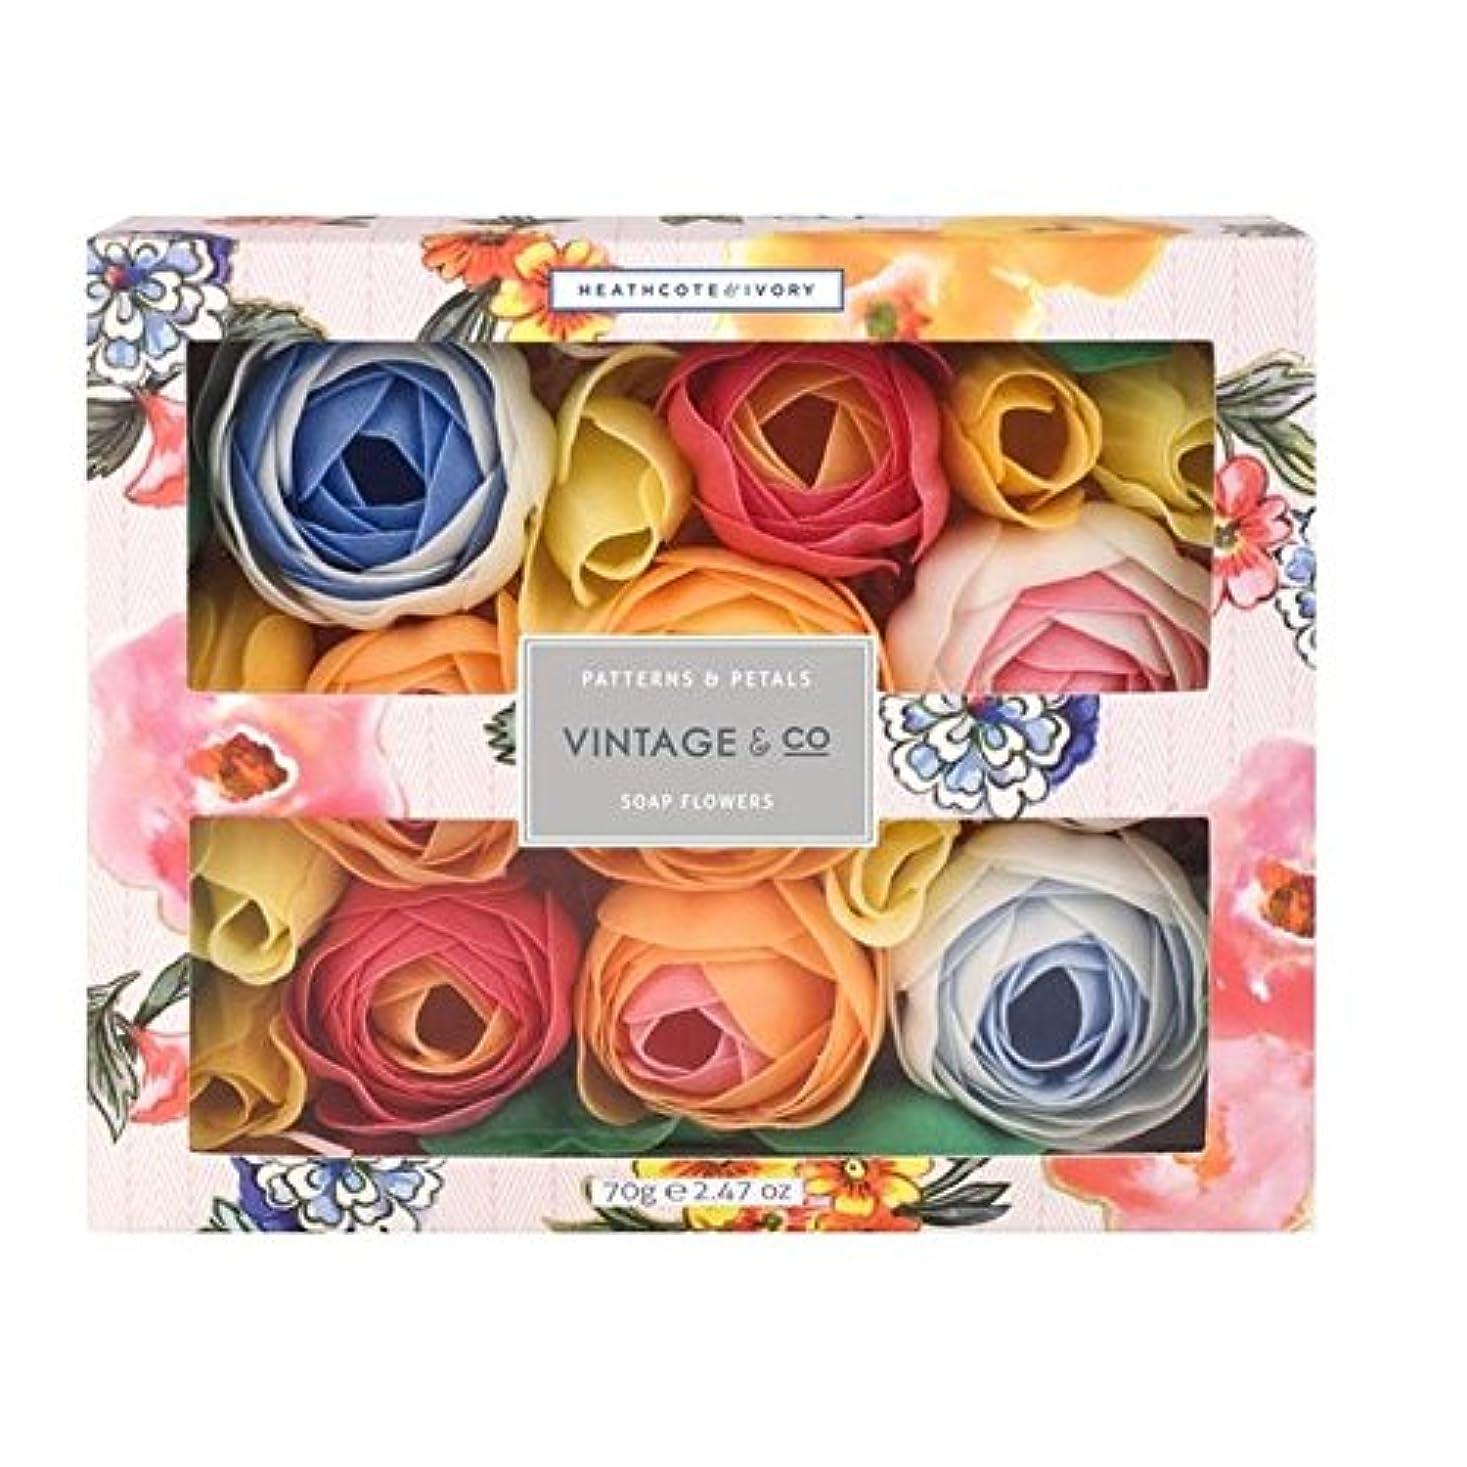 太平洋諸島シフトラップトップHeathcote & Ivory Patterns & Petals Soap Flowers 70g (Pack of 6) - ヒースコート&アイボリーパターン&花びら石鹸の花70グラム x6 [並行輸入品]